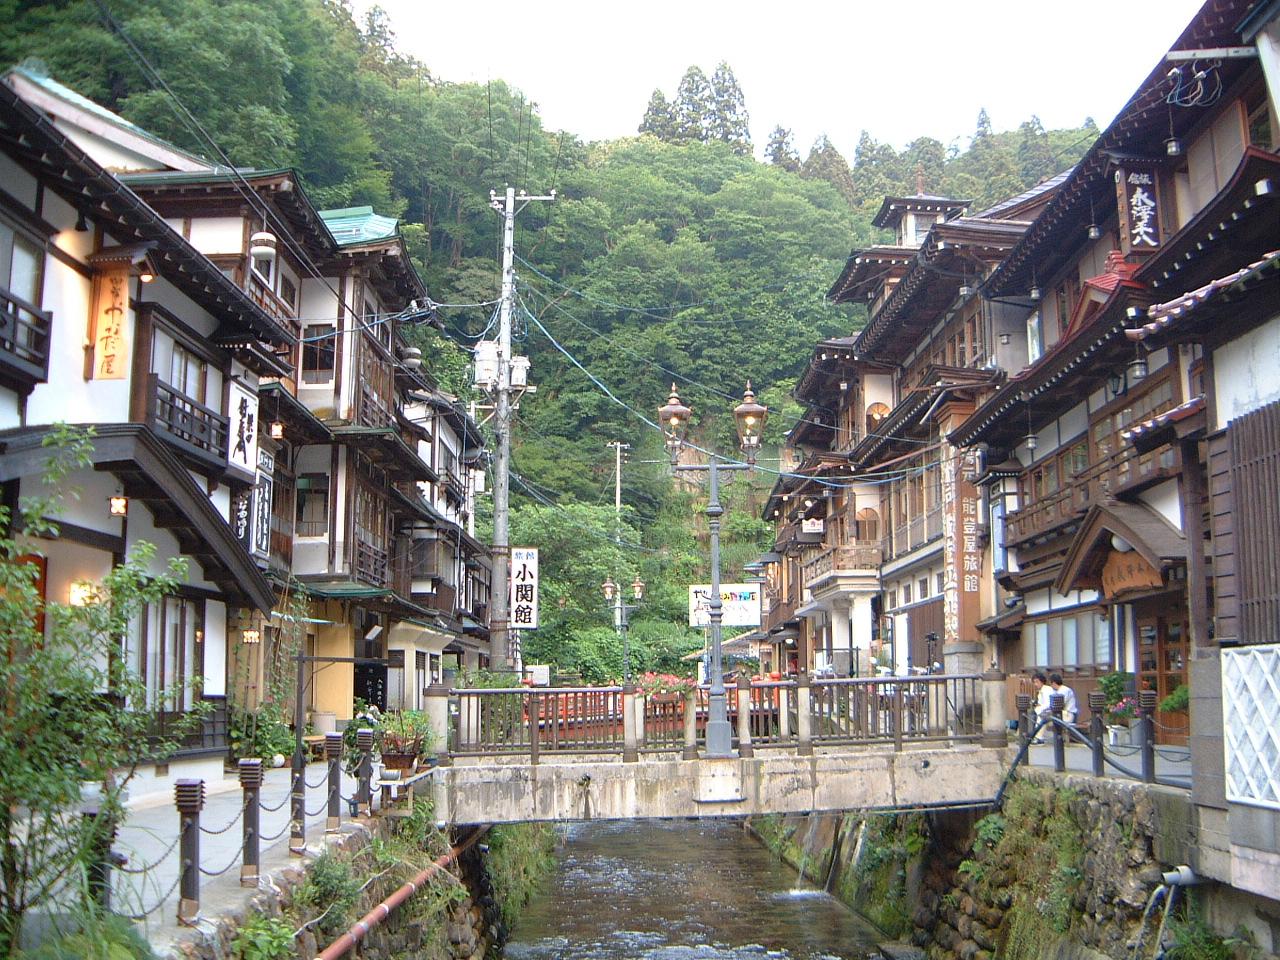 大正ロマンの銀山温泉へ: 旅日記